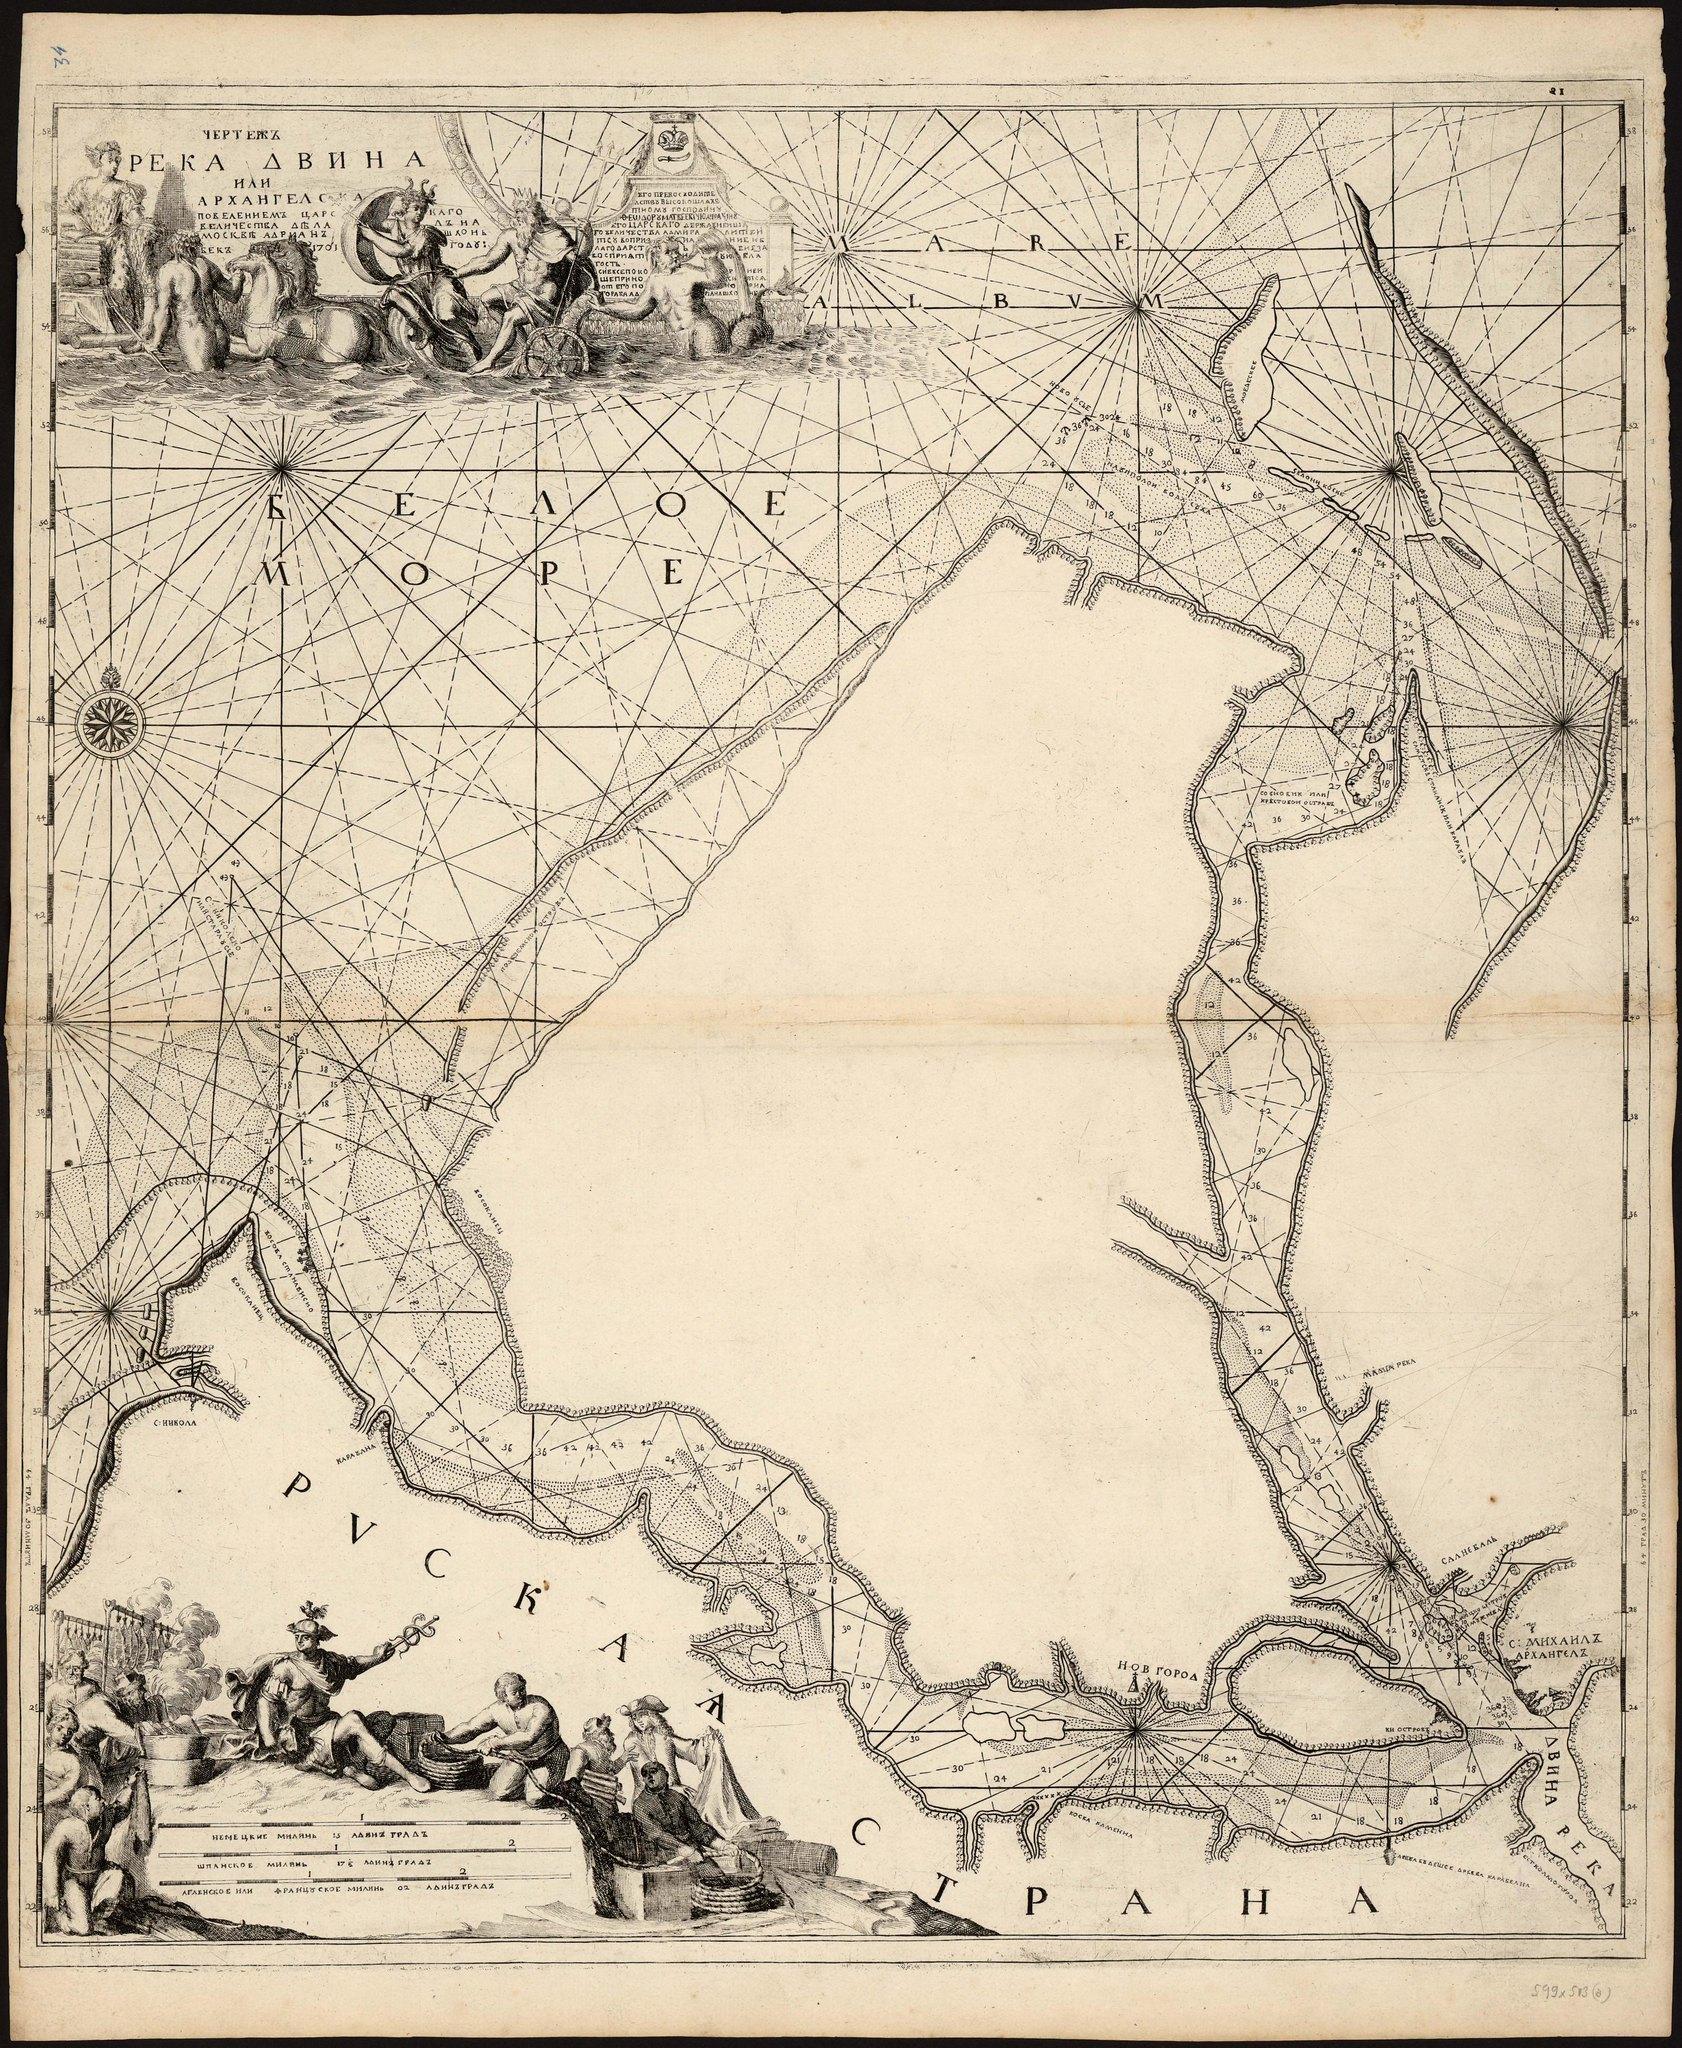 1701. Адриан Шхонебек. Река Двина или Архангелска